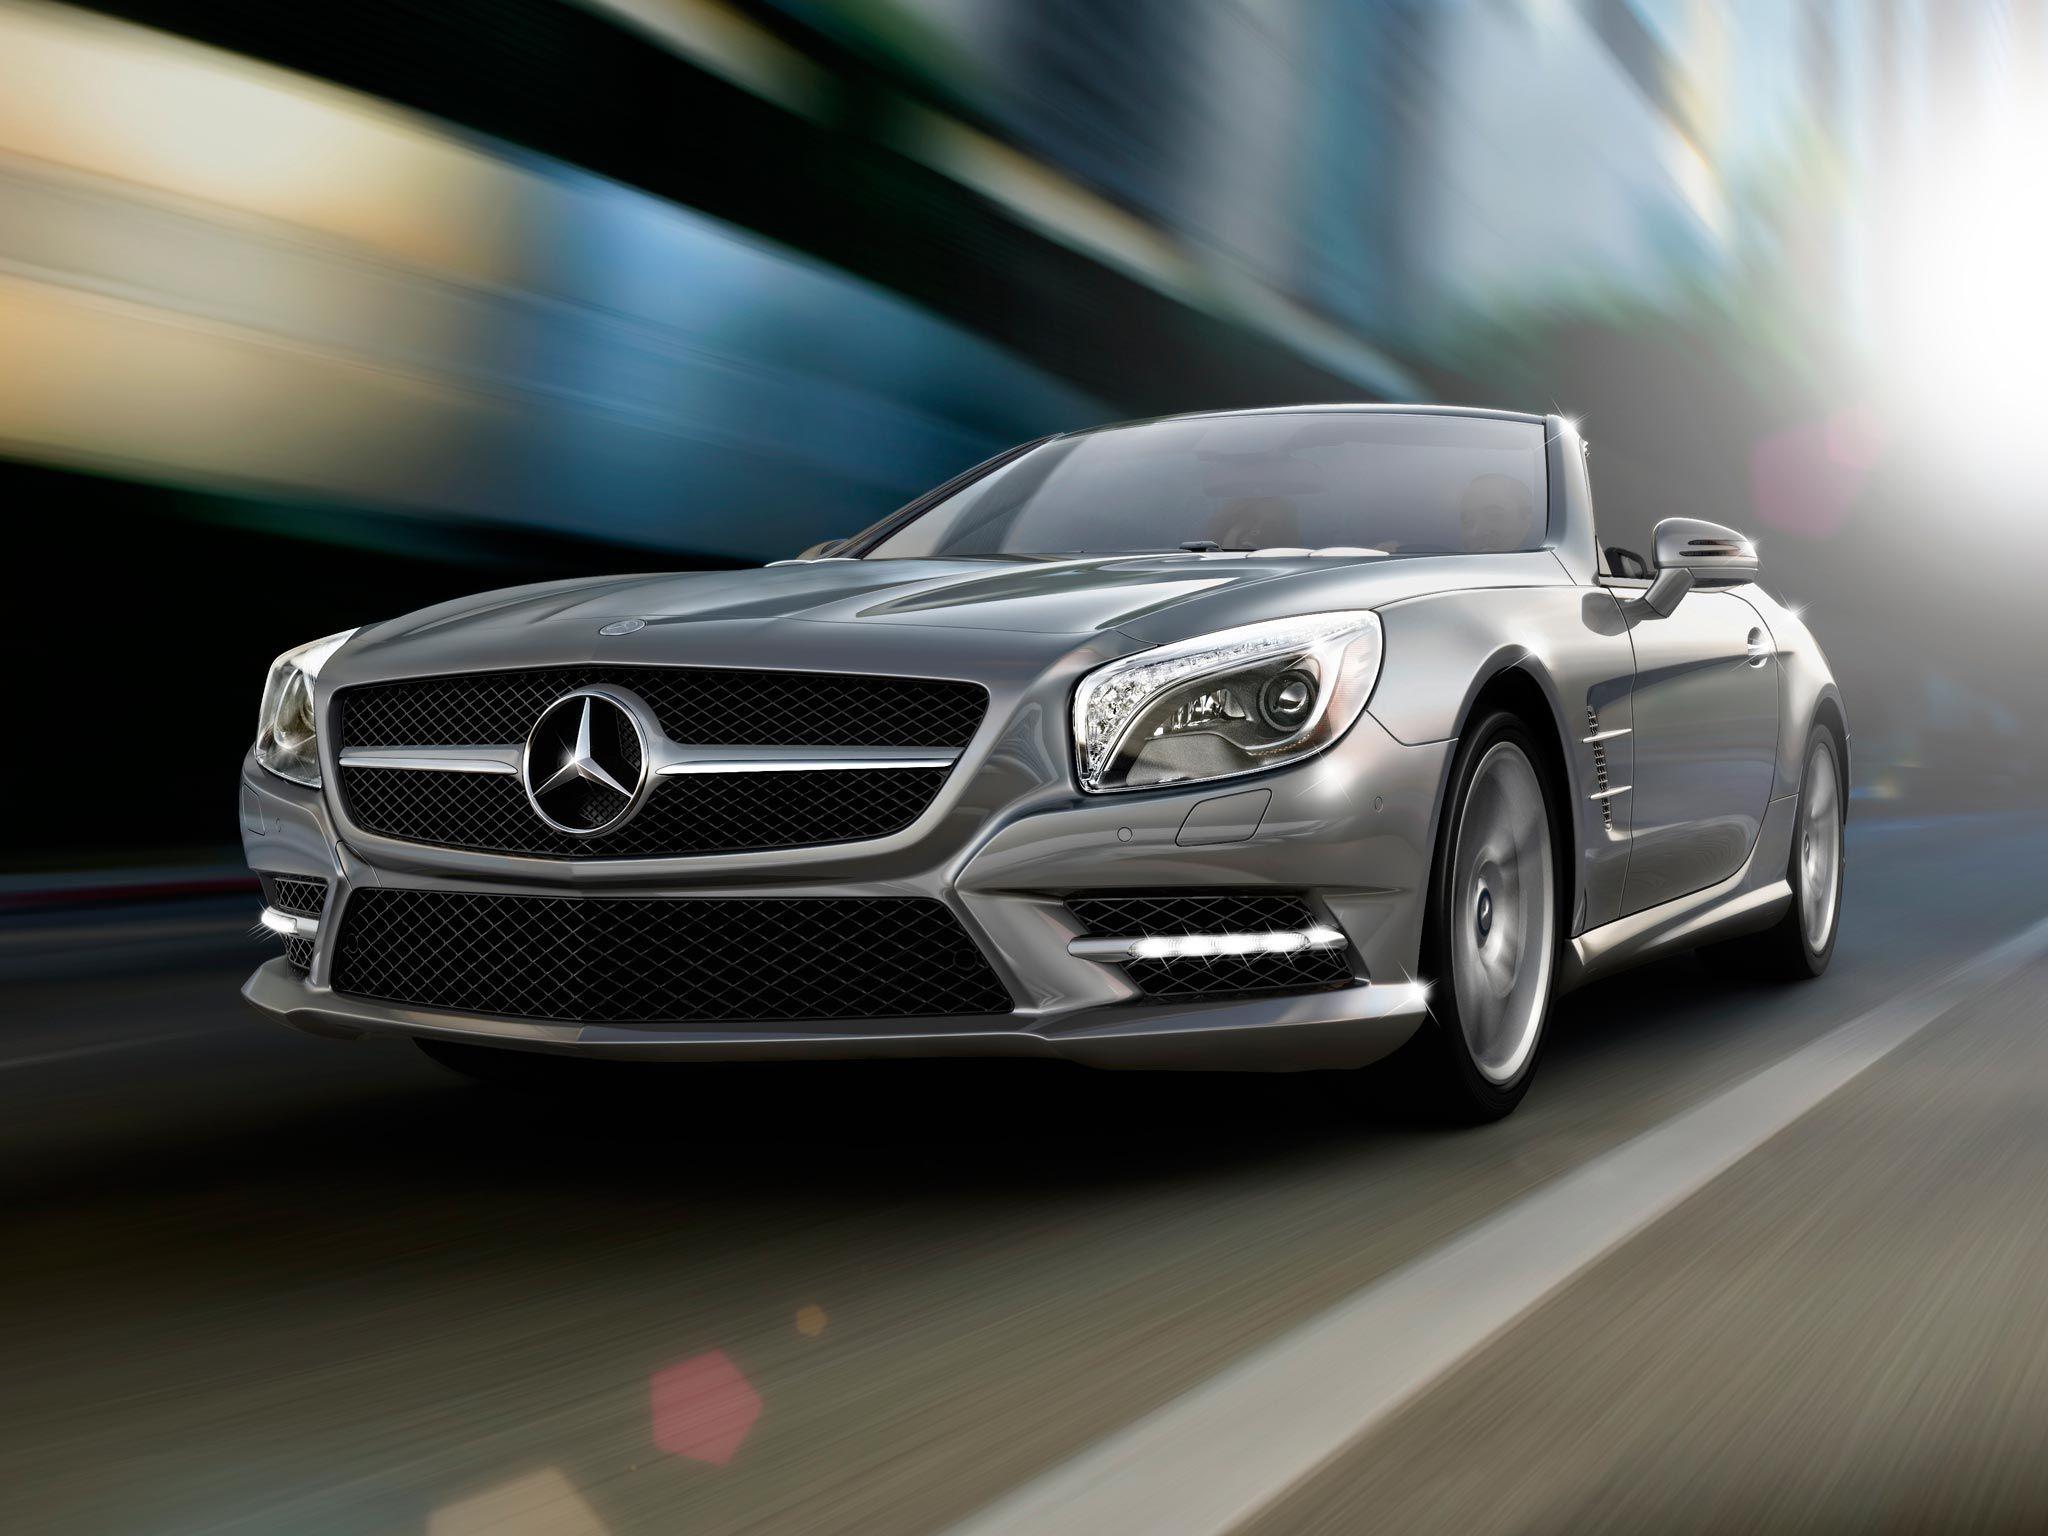 2013 MercedesBenz SLClass Mercedes benz, Mercedes, Benz